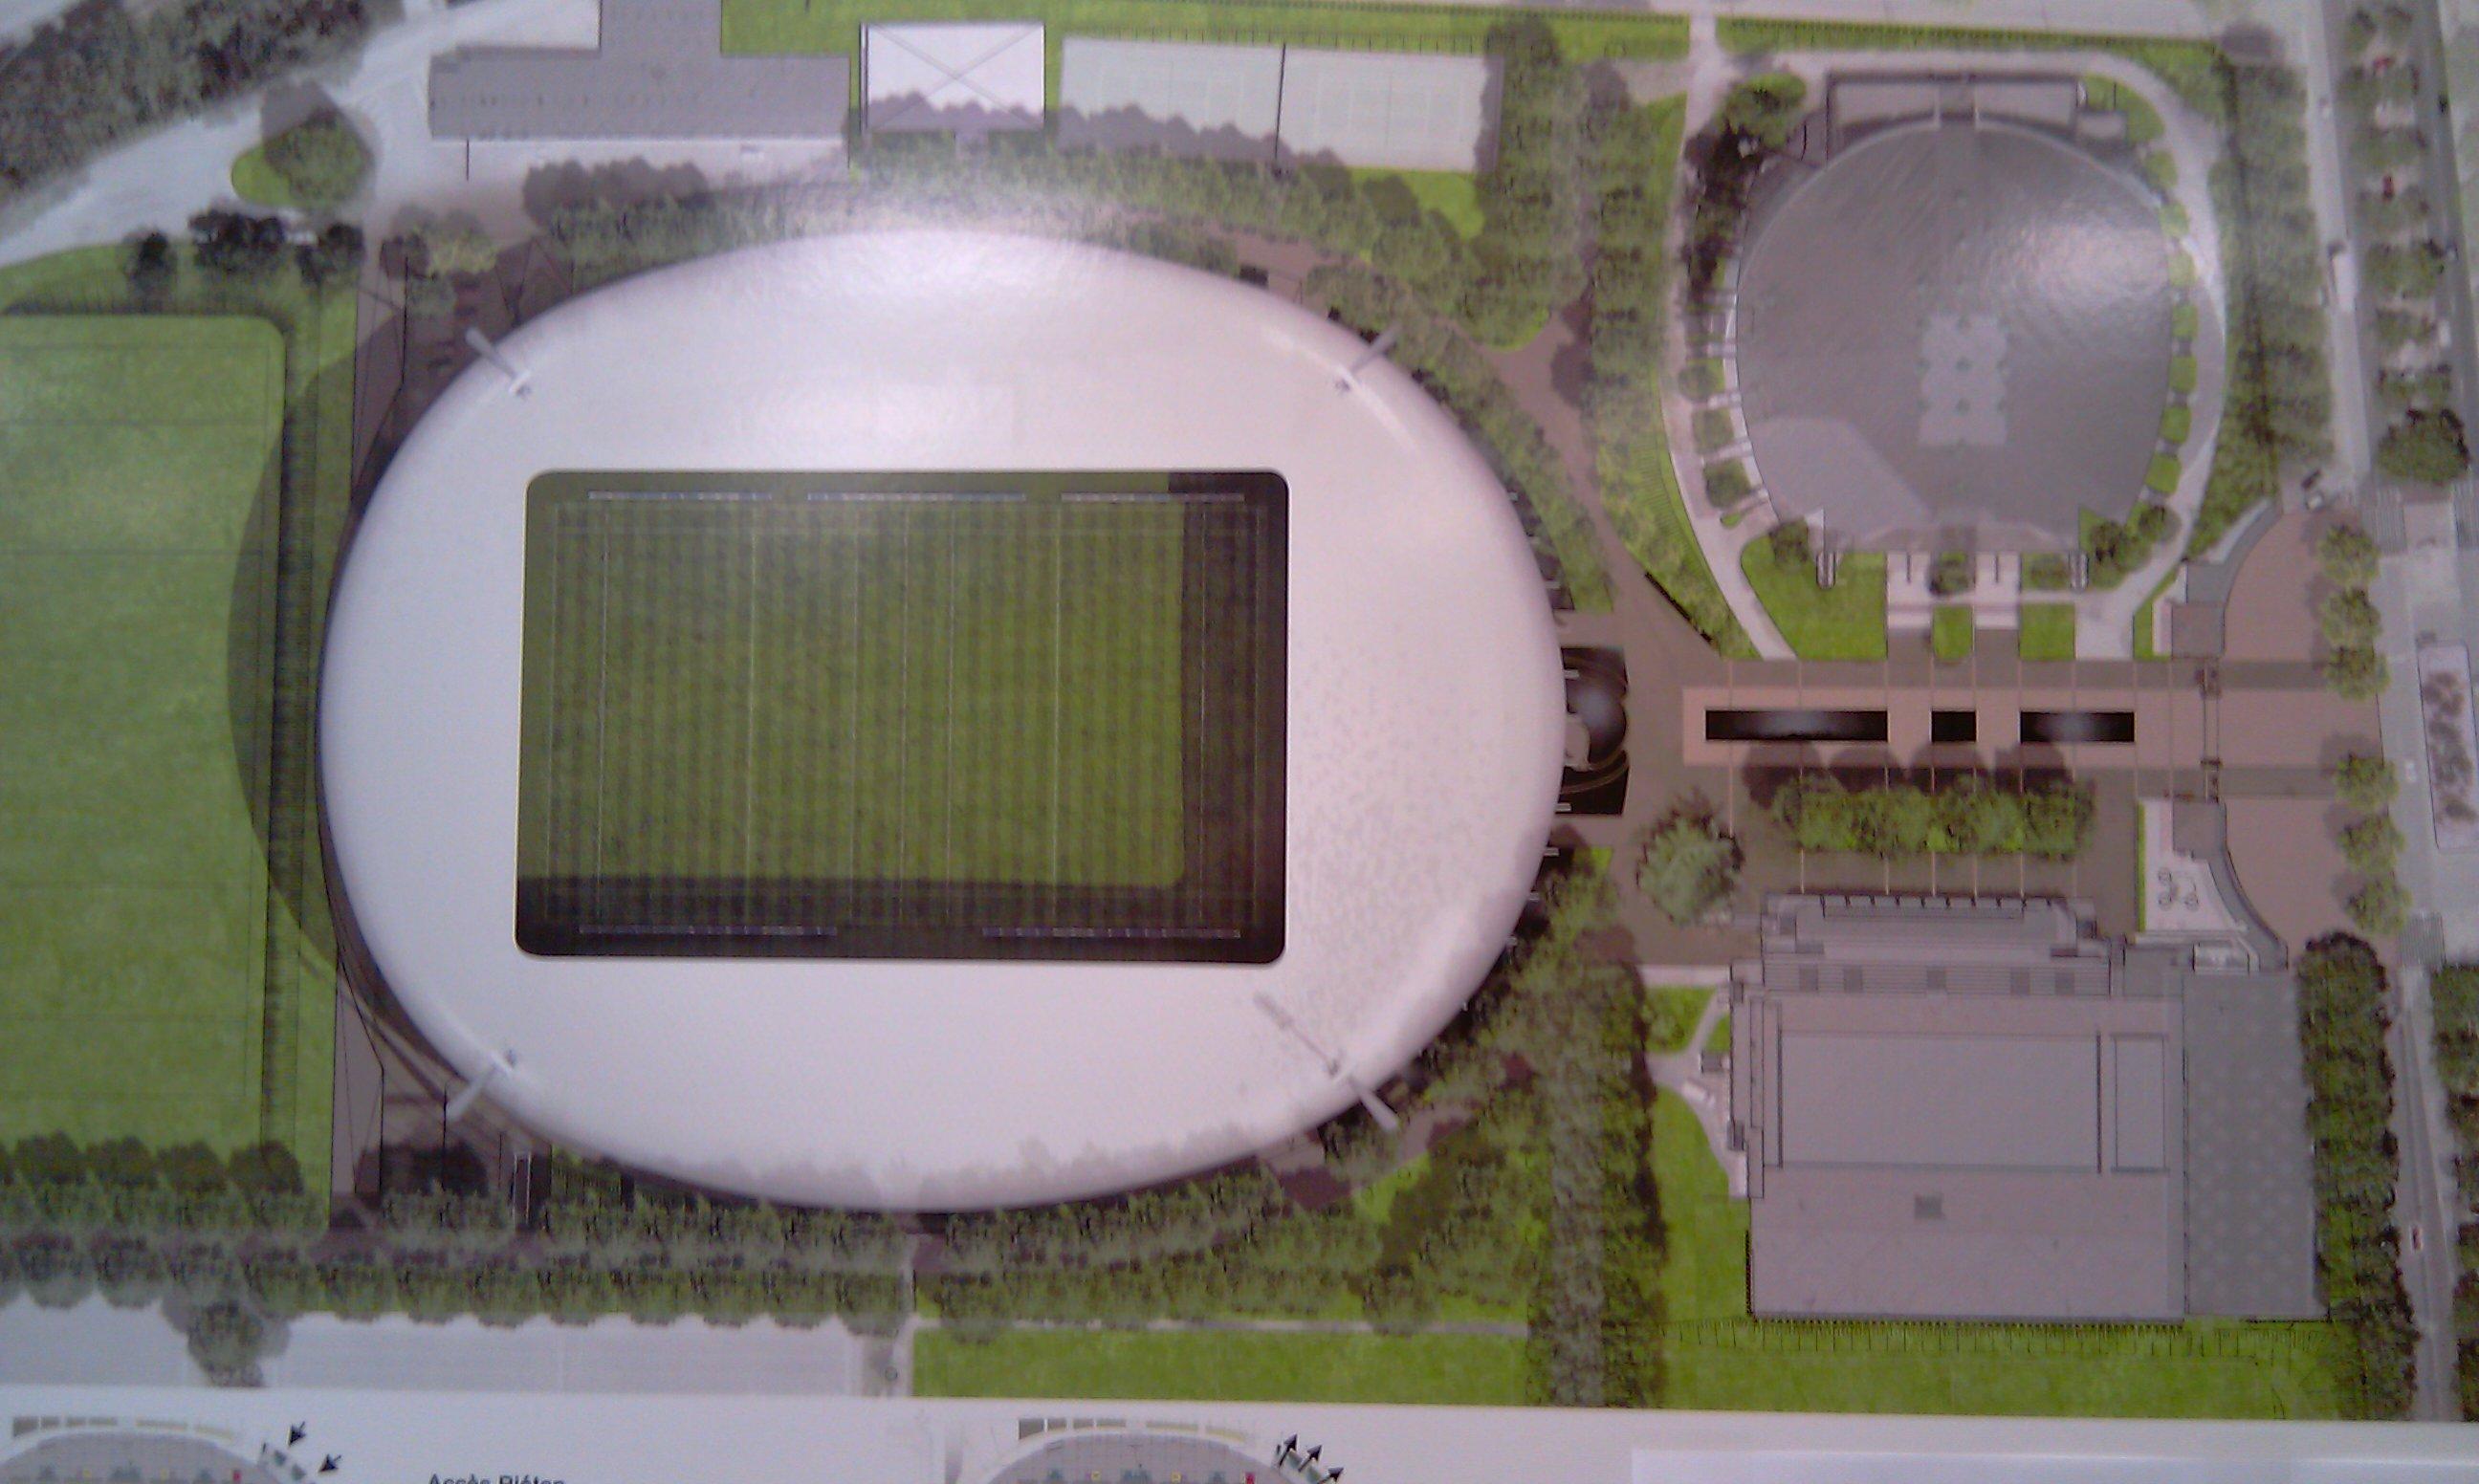 Le stade l honneur au conseil municipal de limoges - Piscine limoges beaublanc ...